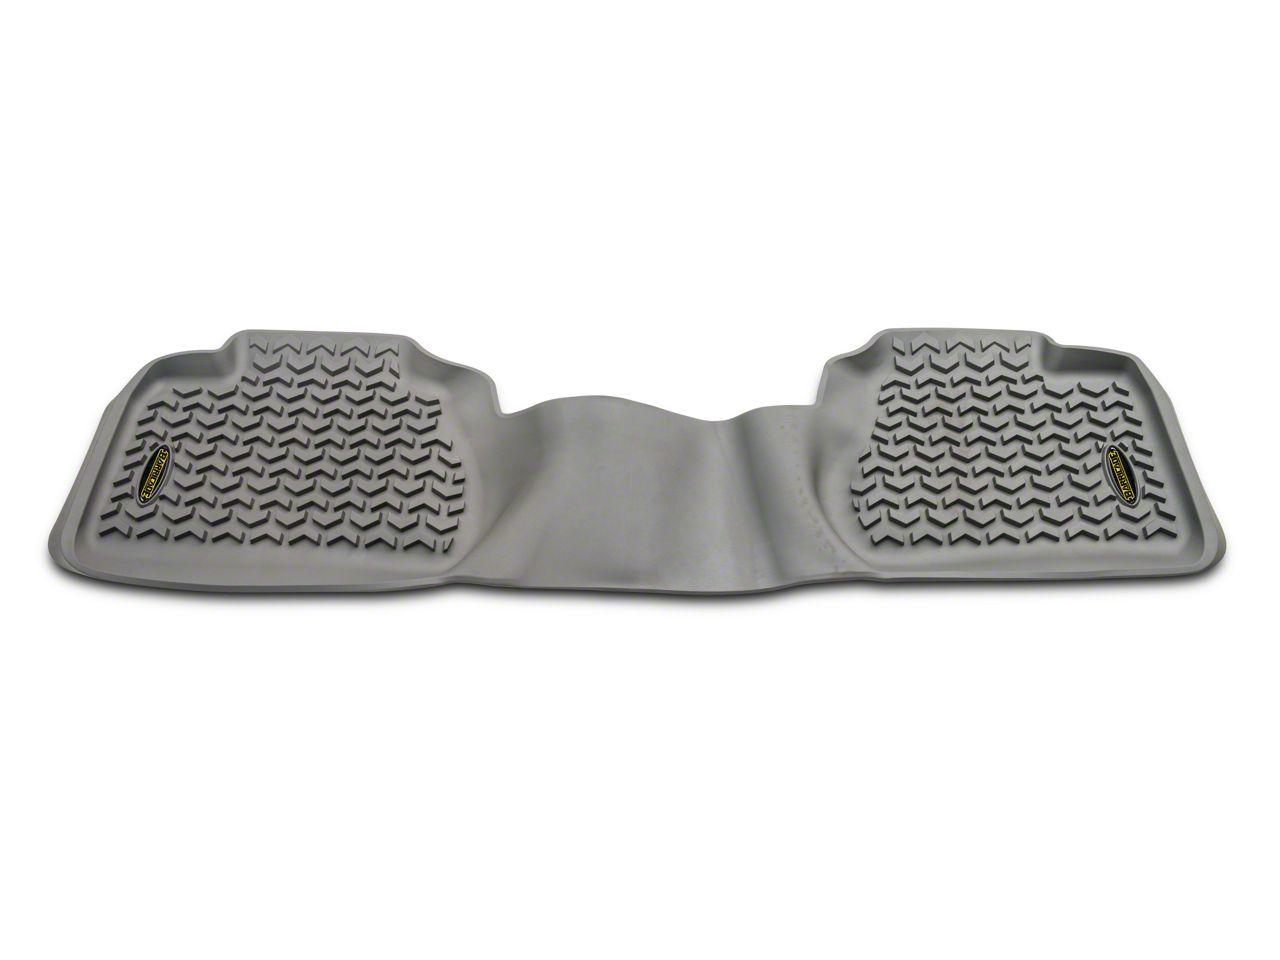 Barricade Rear Floor Mat - Gray (07-13 Silverado 1500 Extended Cab)